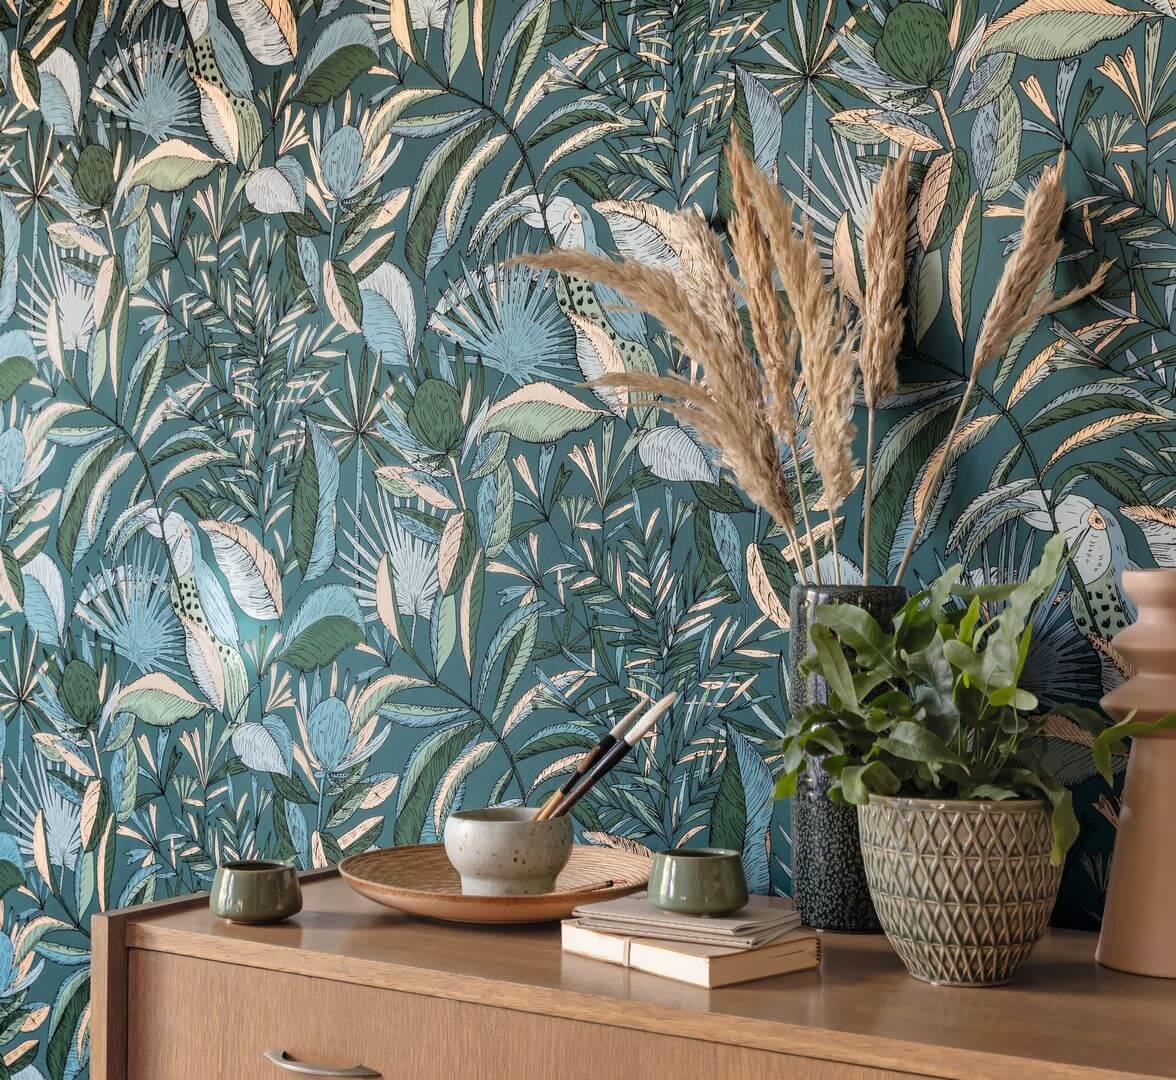 tapeta egzotyczna z roślinami i tukanem Caselio NGR103016749